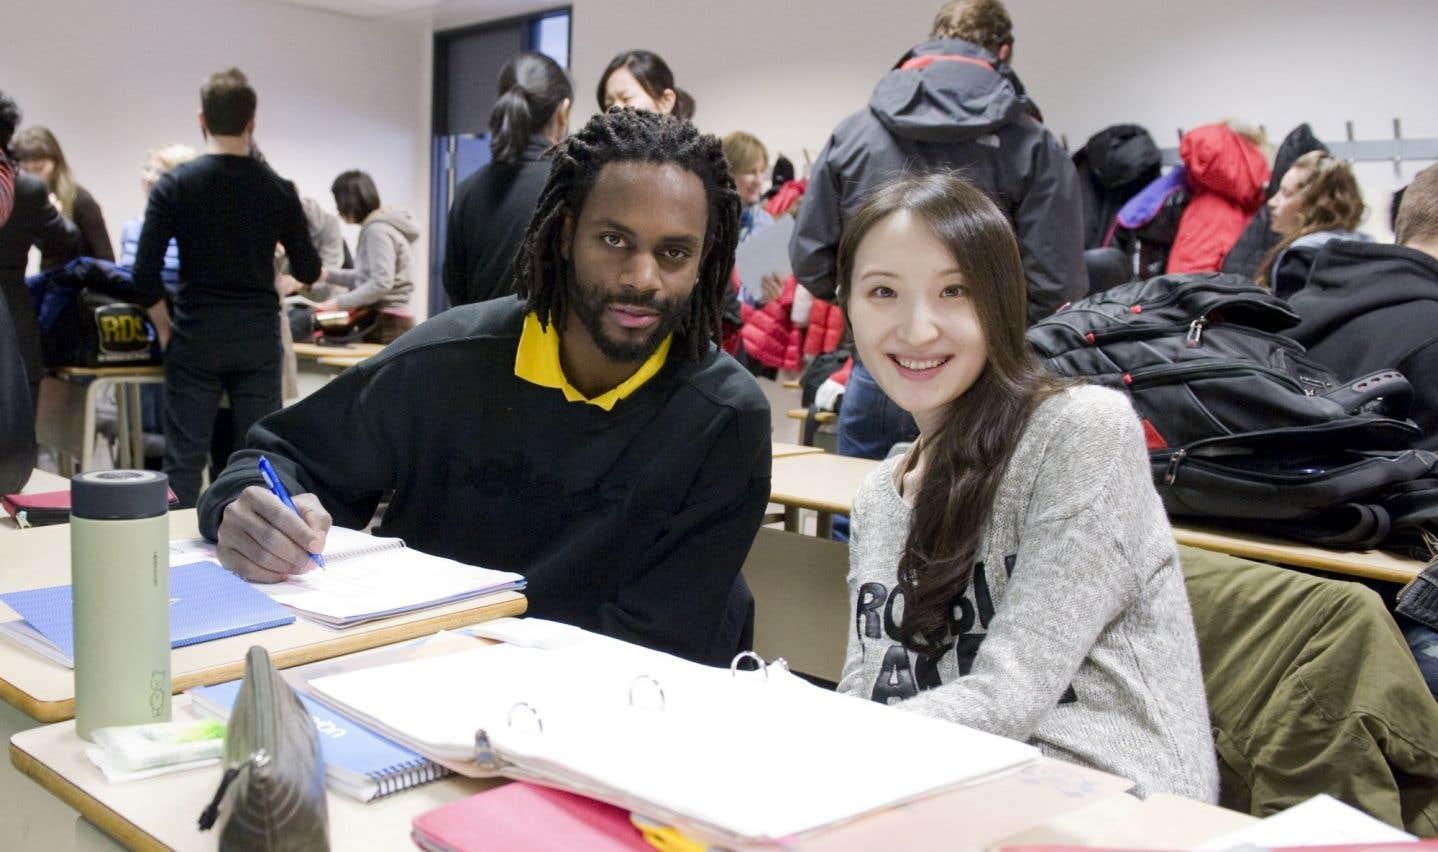 Des jumelages interculturels pour briser la glace entre francophones et immigrants